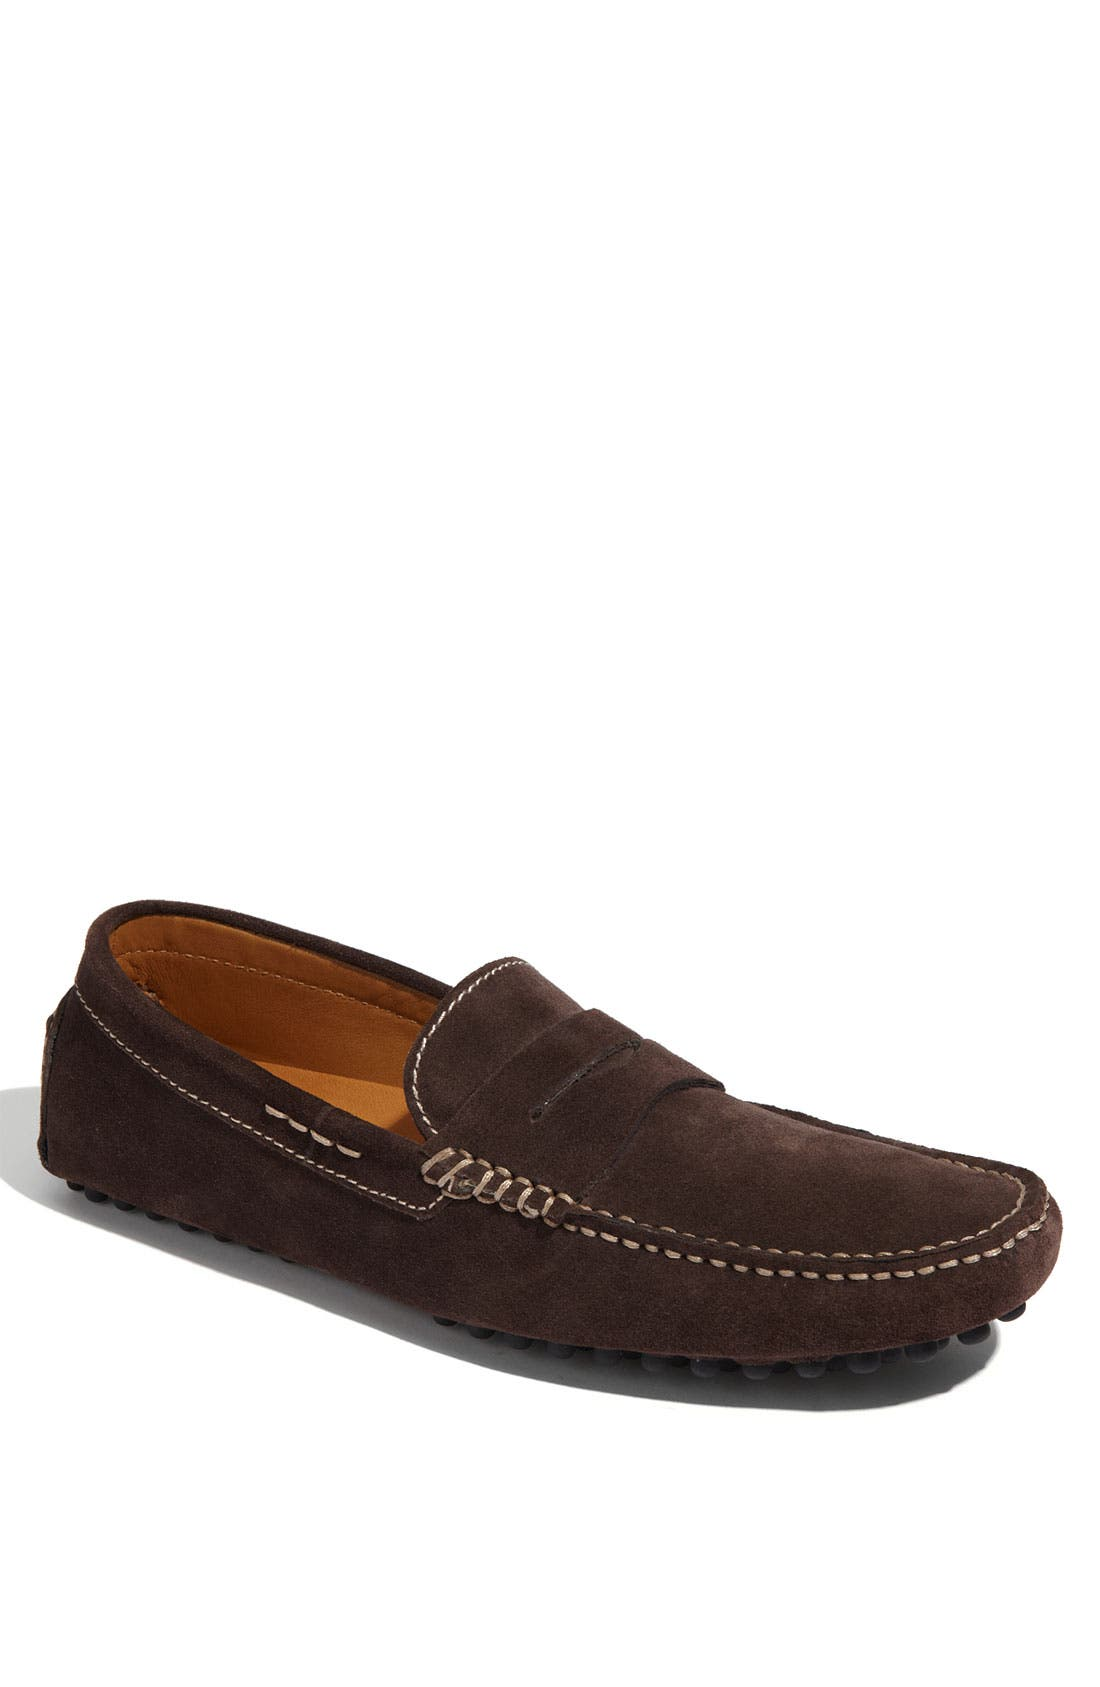 'Tobago' Driving Shoe,                             Main thumbnail 1, color,